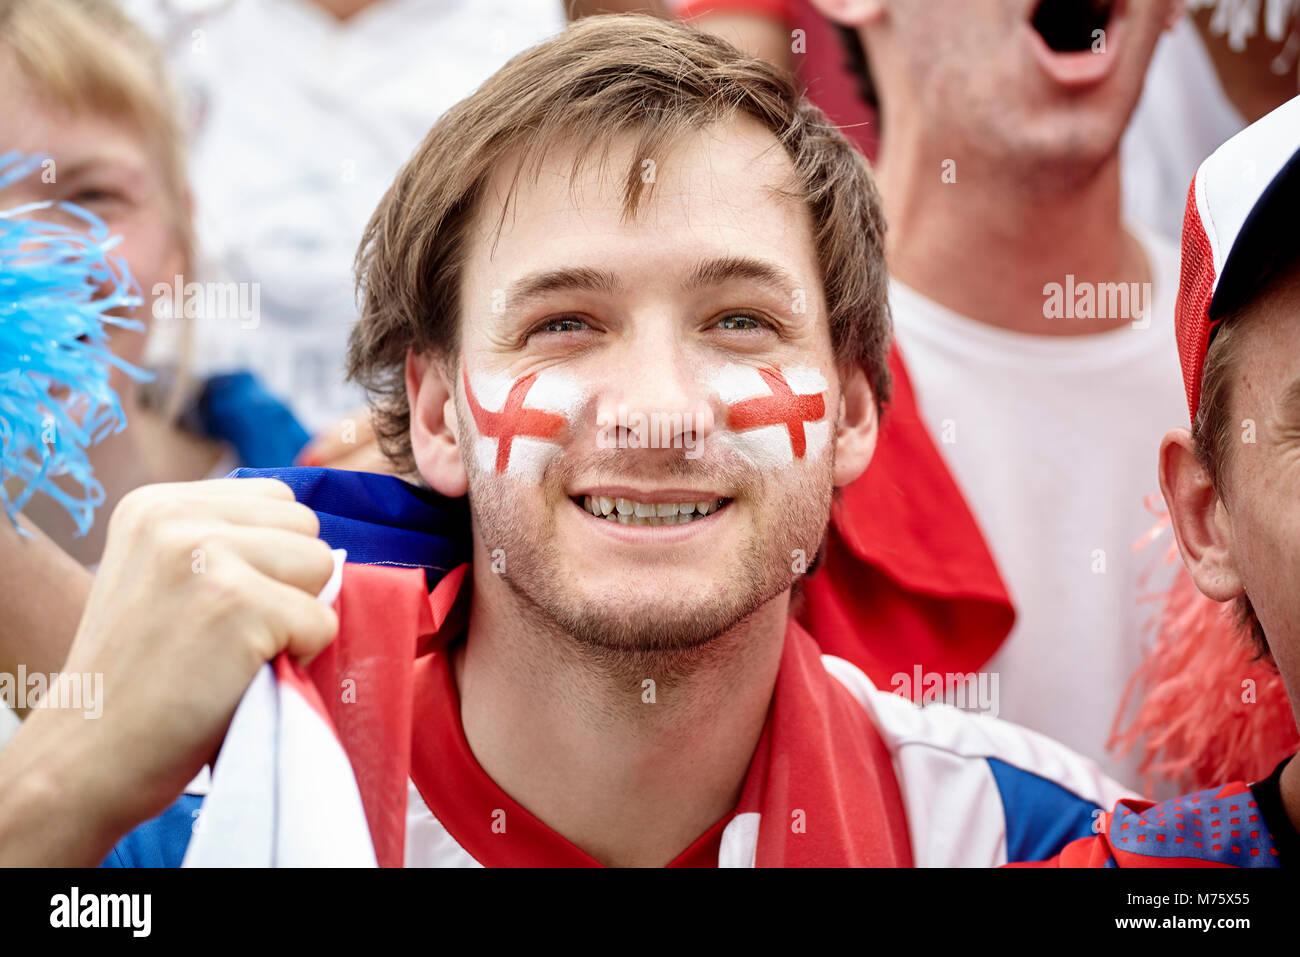 Britische Fußball-Fan bei Match lächelnd, Porträt Stockbild